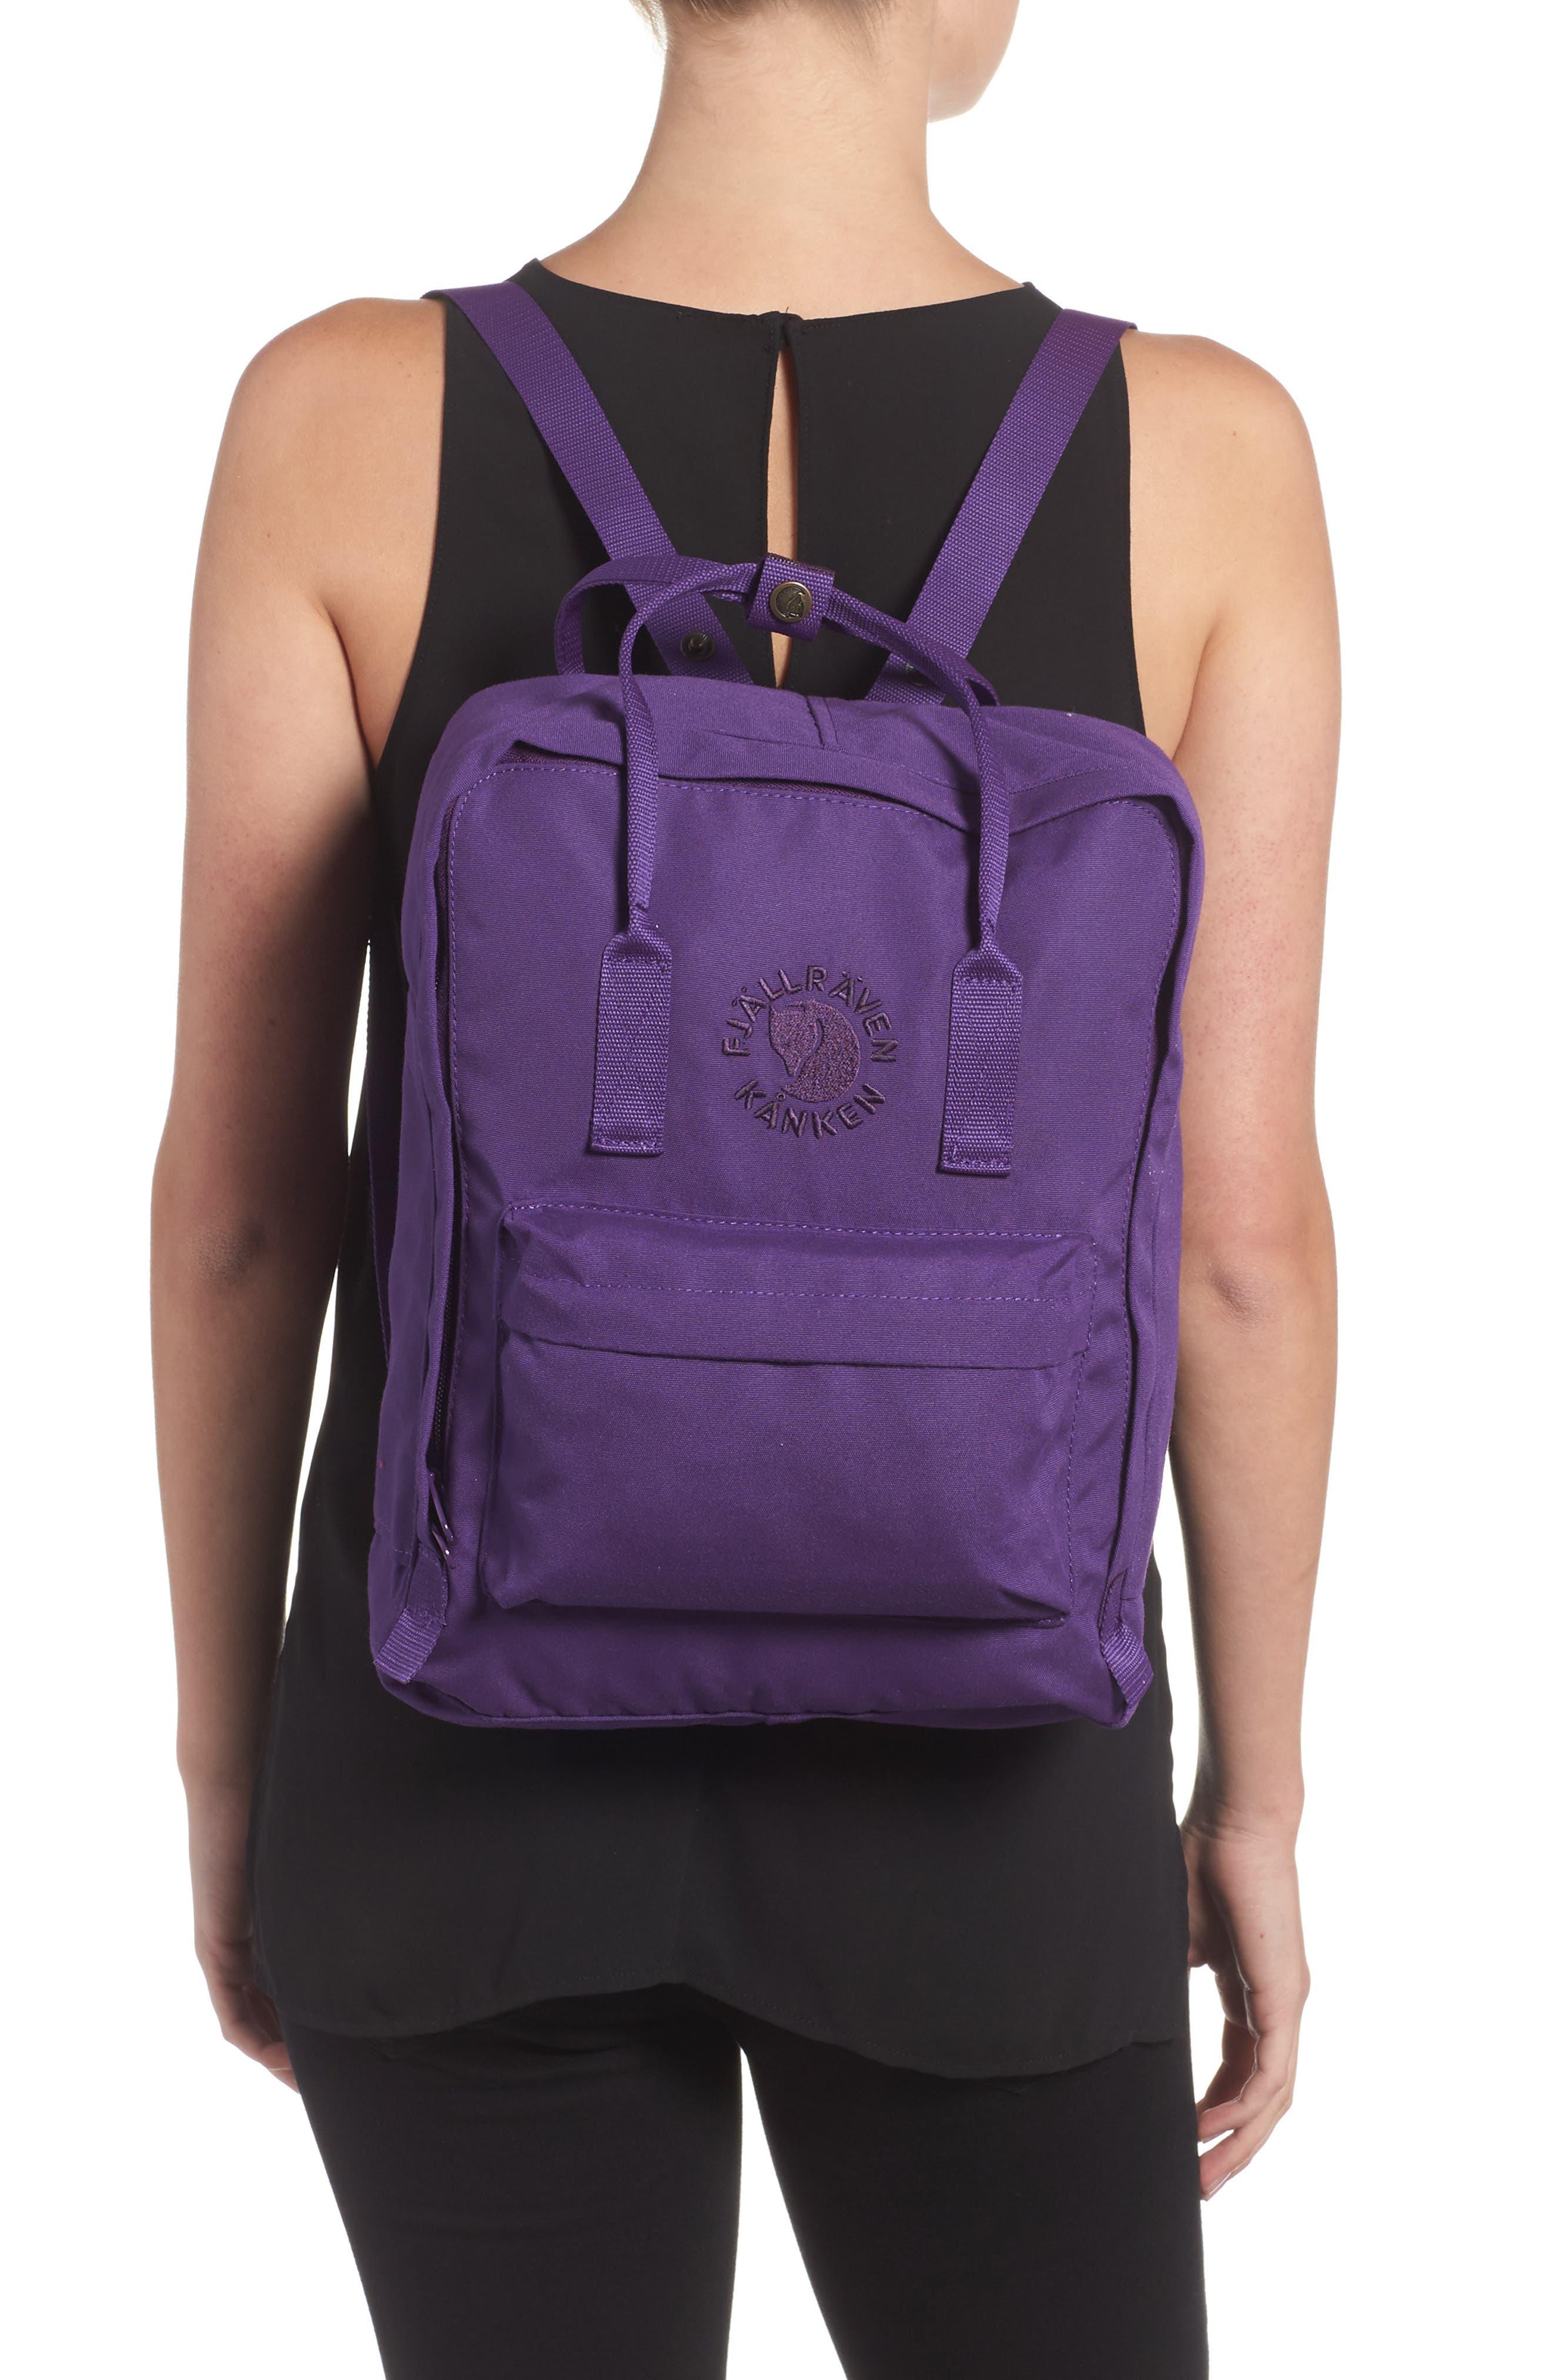 Re-Kånken Water Resistant Backpack,                             Alternate thumbnail 2, color,                             DEEP VIOLET